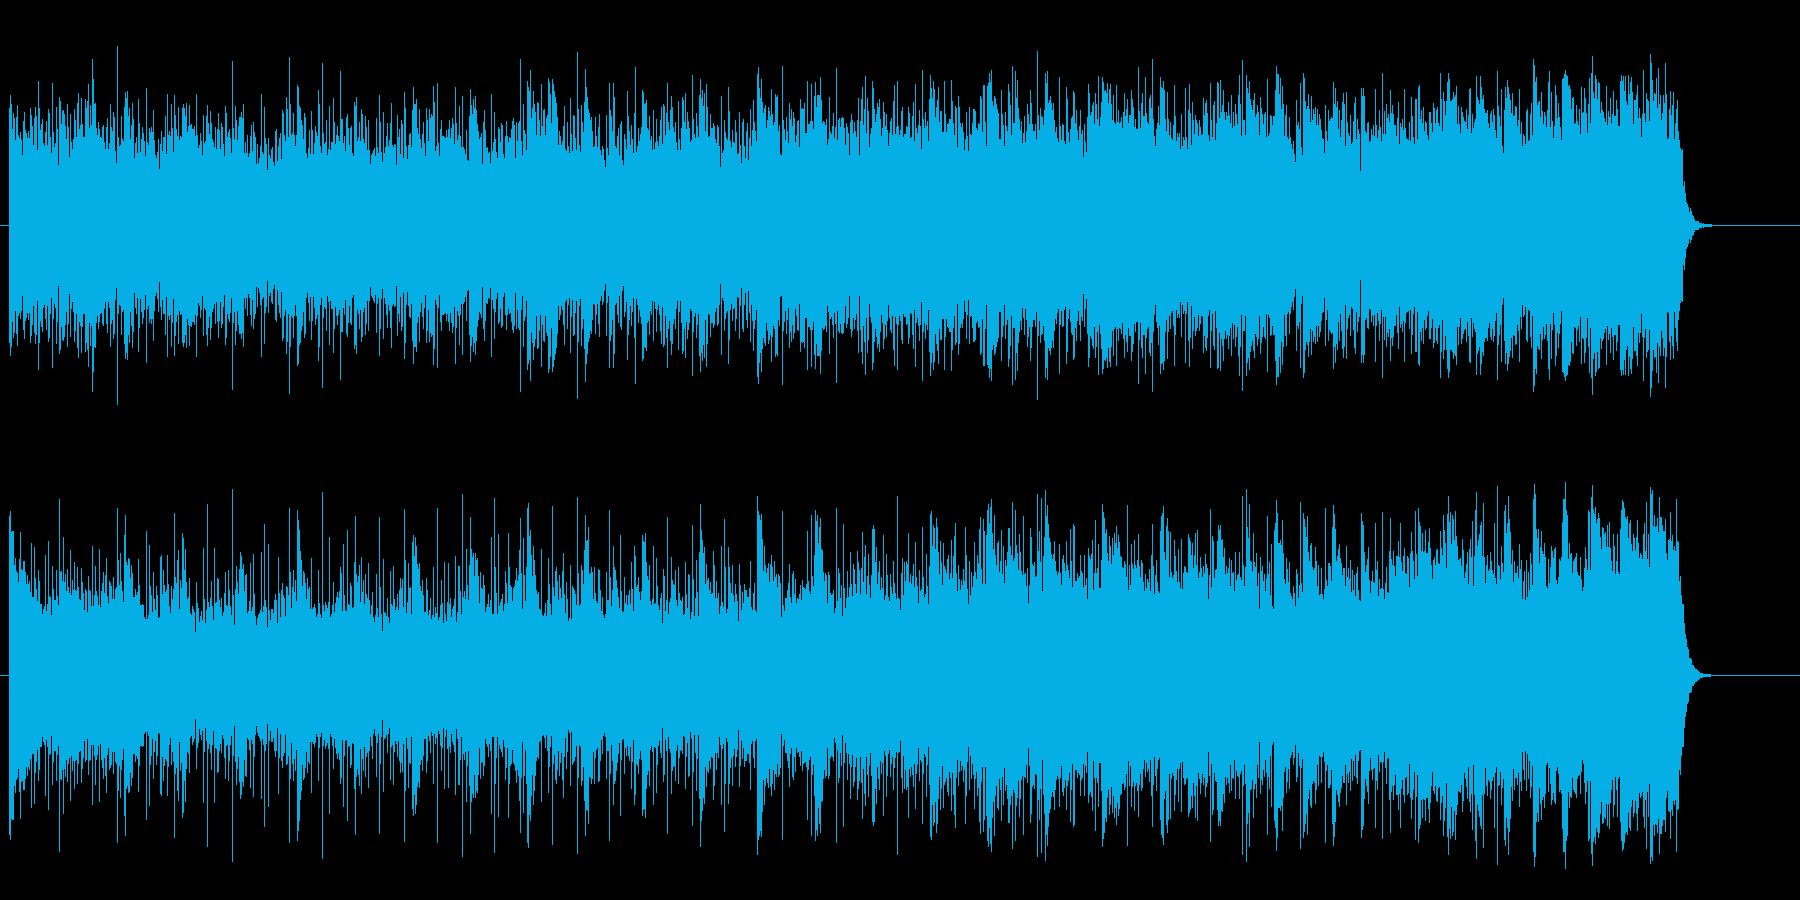 緩やかな浮遊感漂う神秘的な環境/BGの再生済みの波形